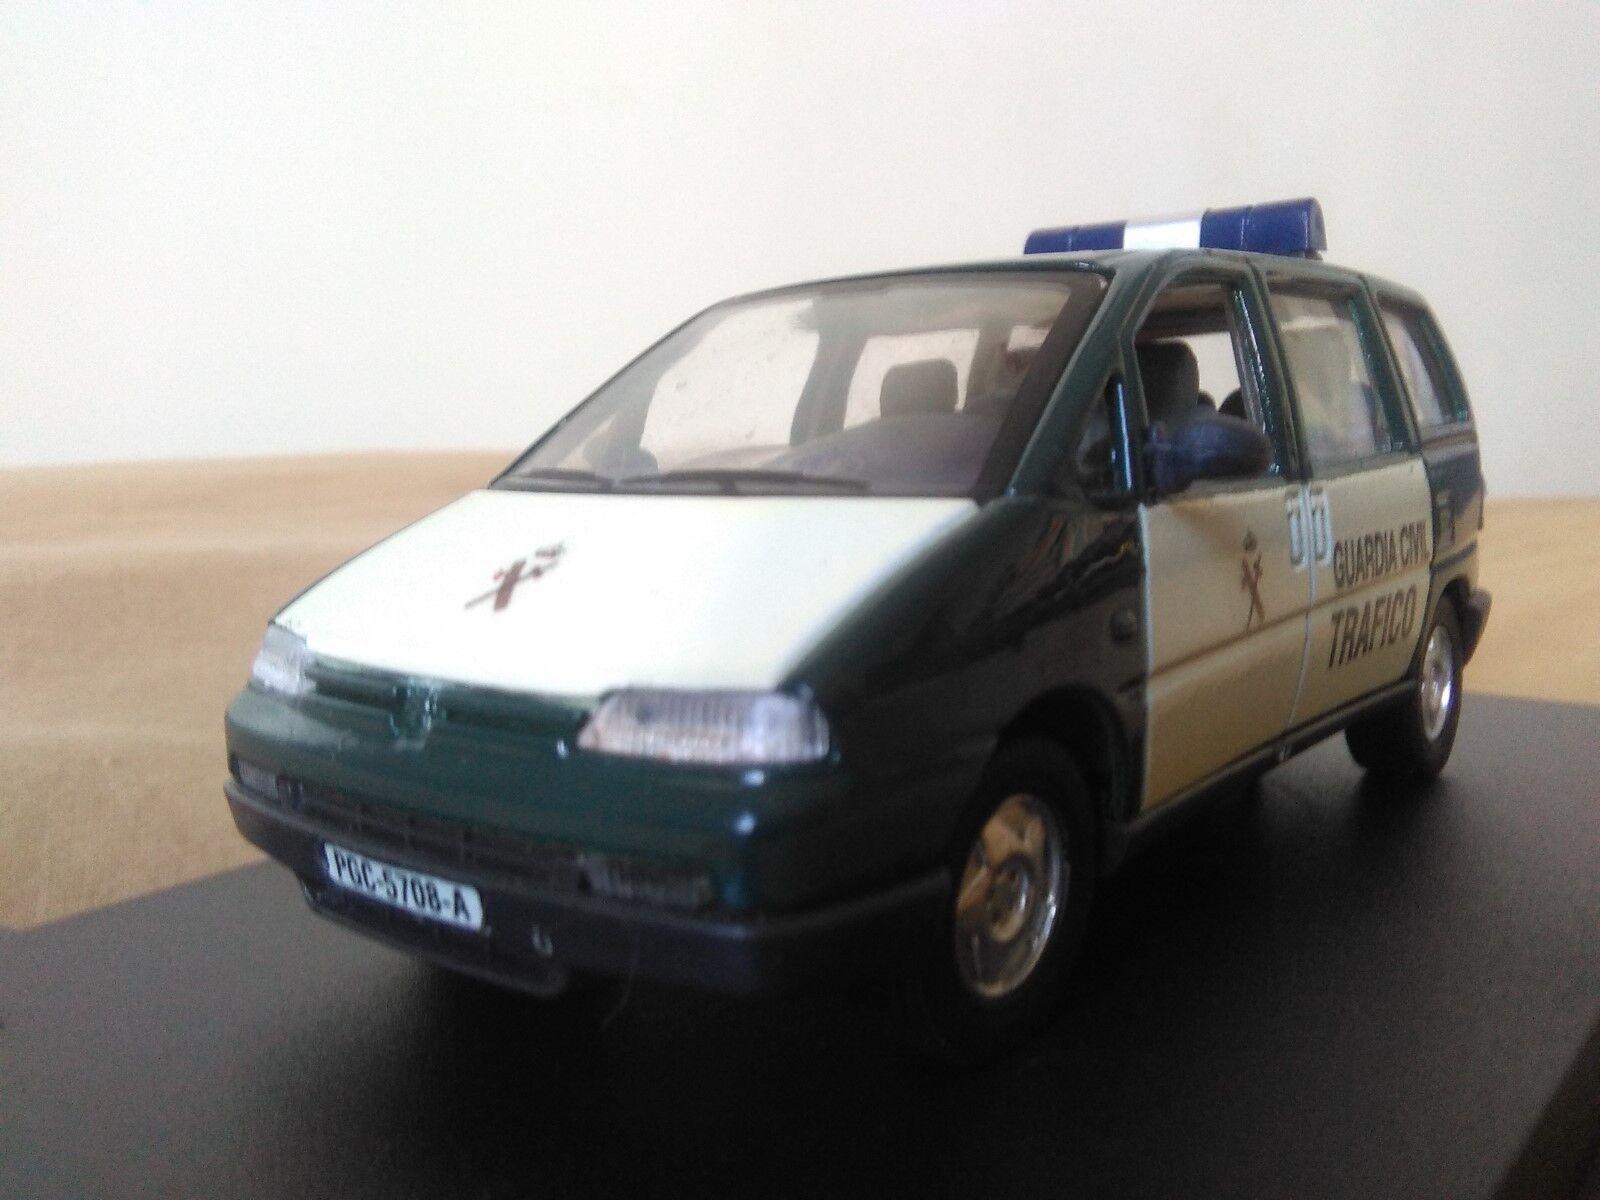 Antigua miniatura 1 43 Scale Carr PR042 Peugeot 806 Guardia Civil de Tráfico.